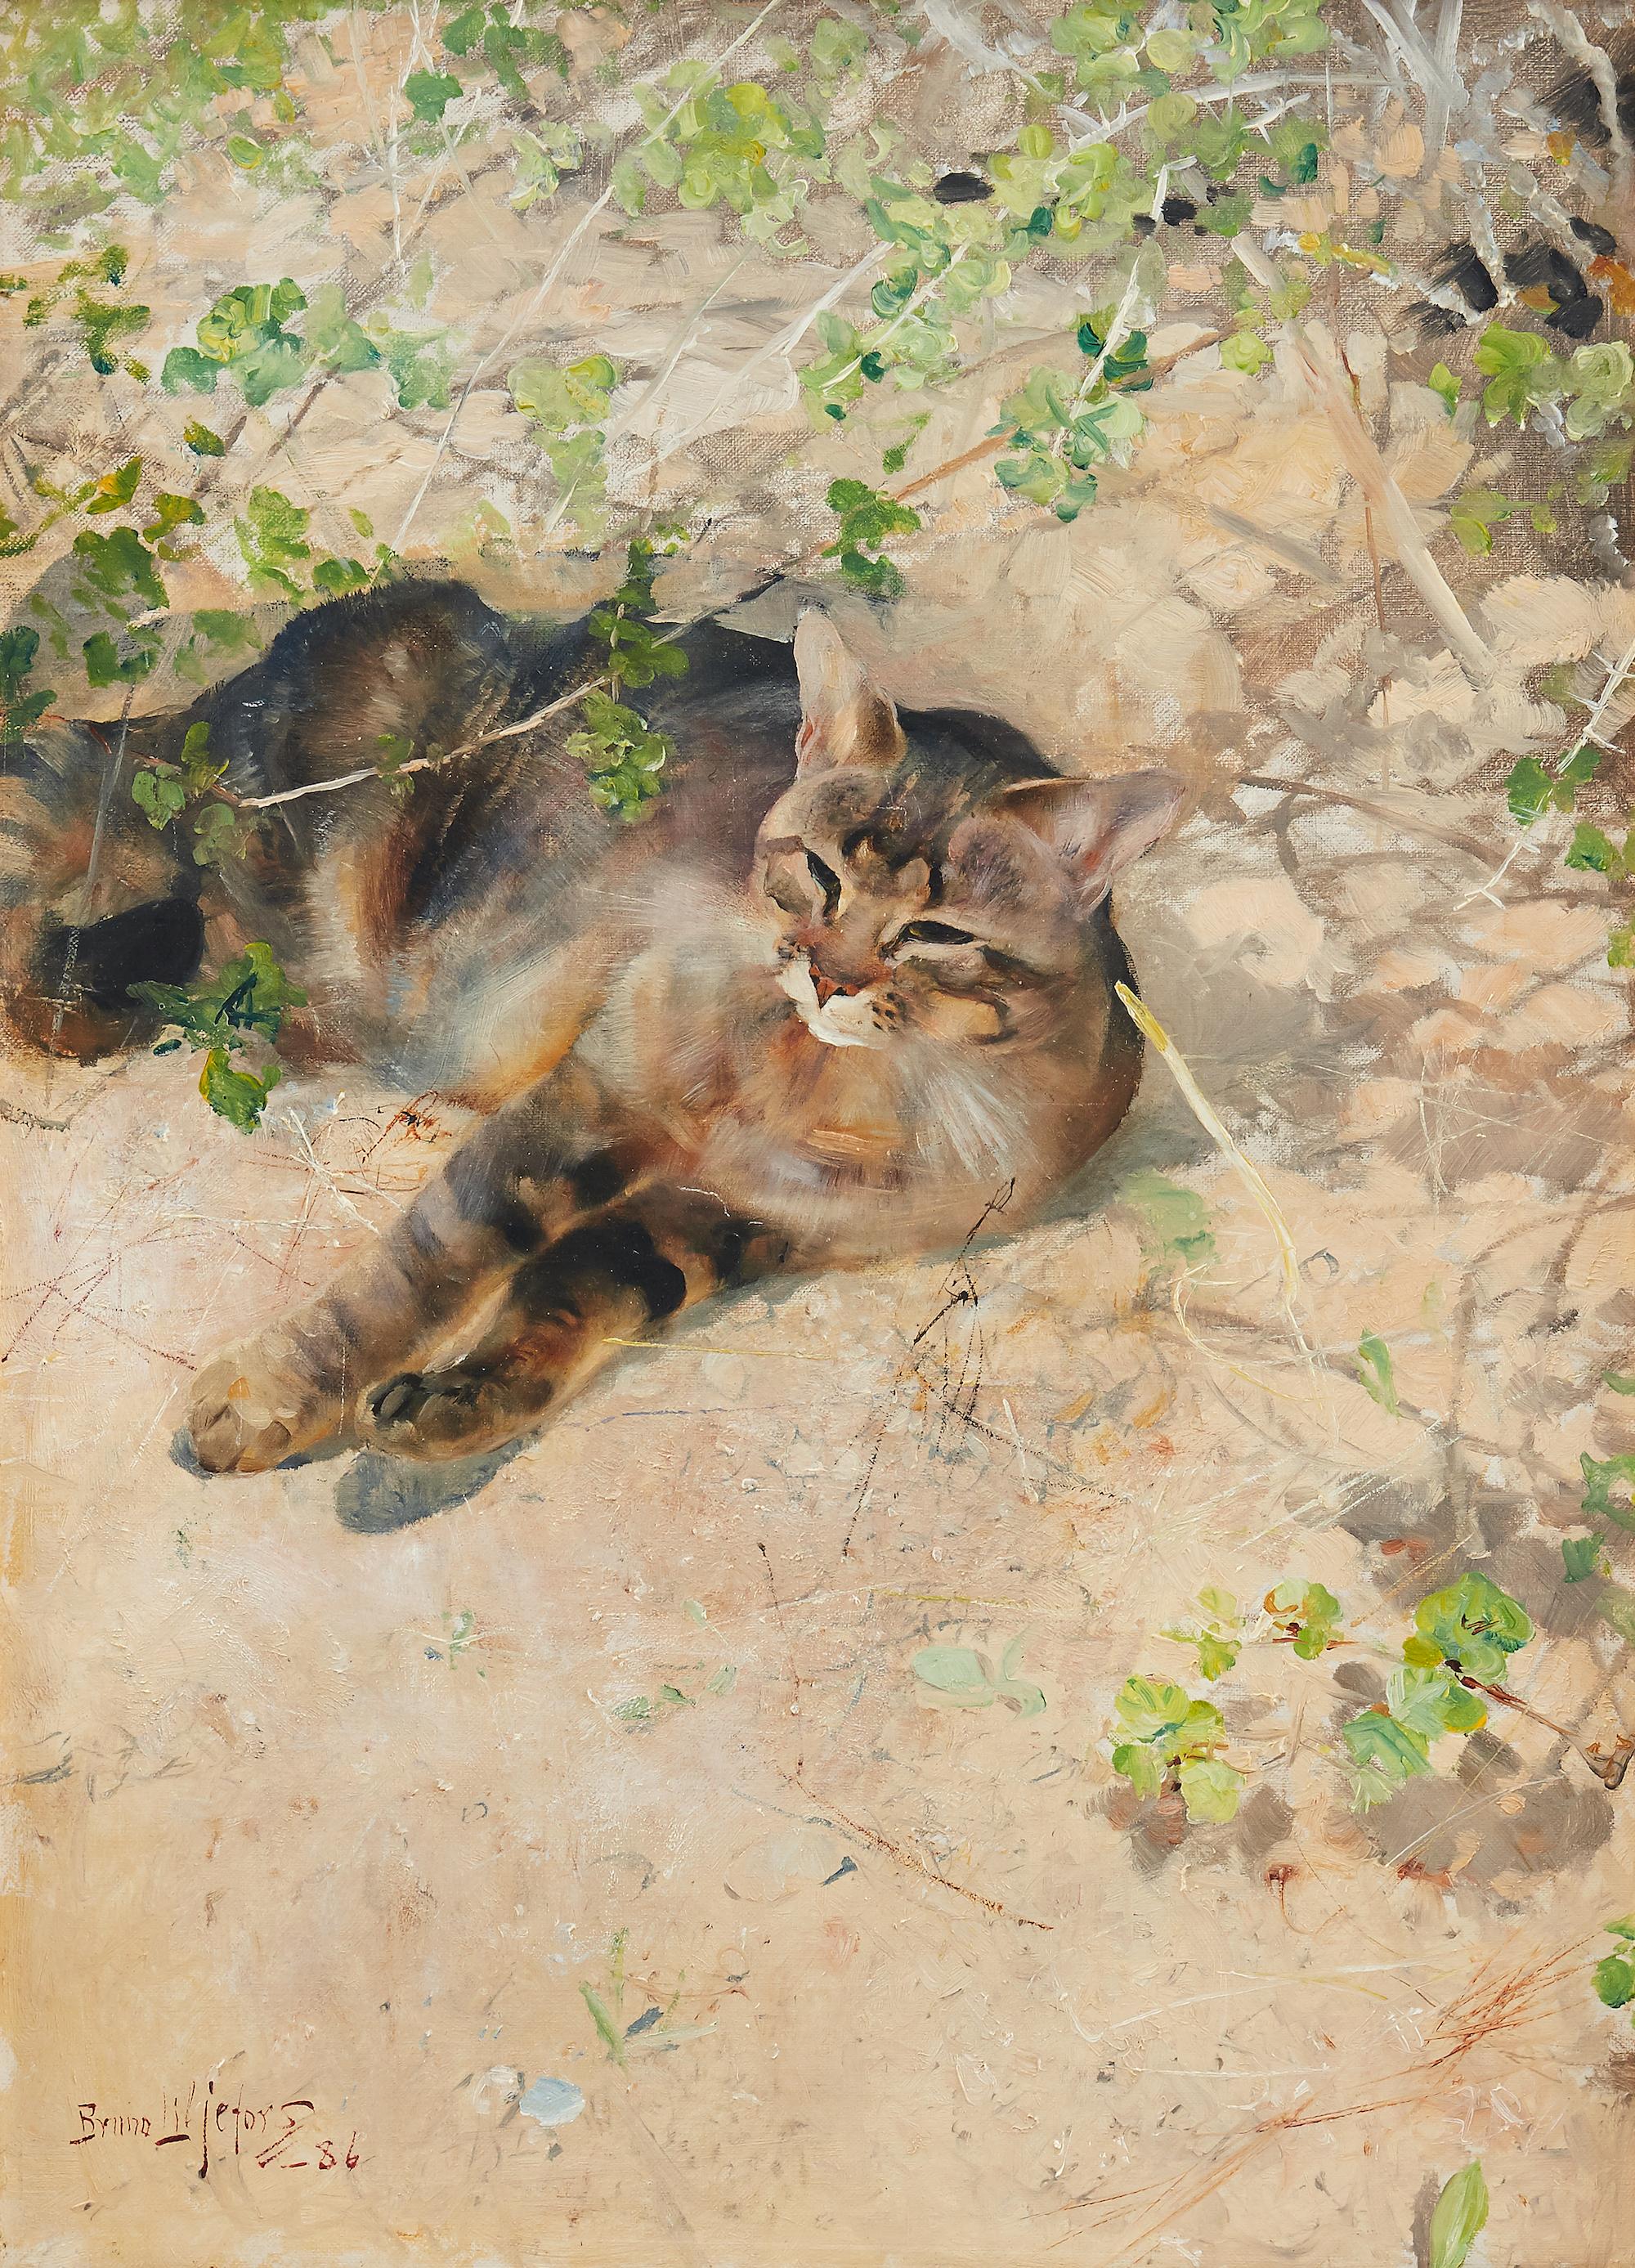 """Bruno Liljefors älskade katt Jeppe fick vara modell för målningen """"Katt i vårsol"""", signerad och daterad Bruno Liljefors -86. Det som räknas som ett av djurmålarens absolut främsta år som konstnär. Utropspris är 2,5-3 miljoner kronor hos Uppsala Auktionskammare i vår."""